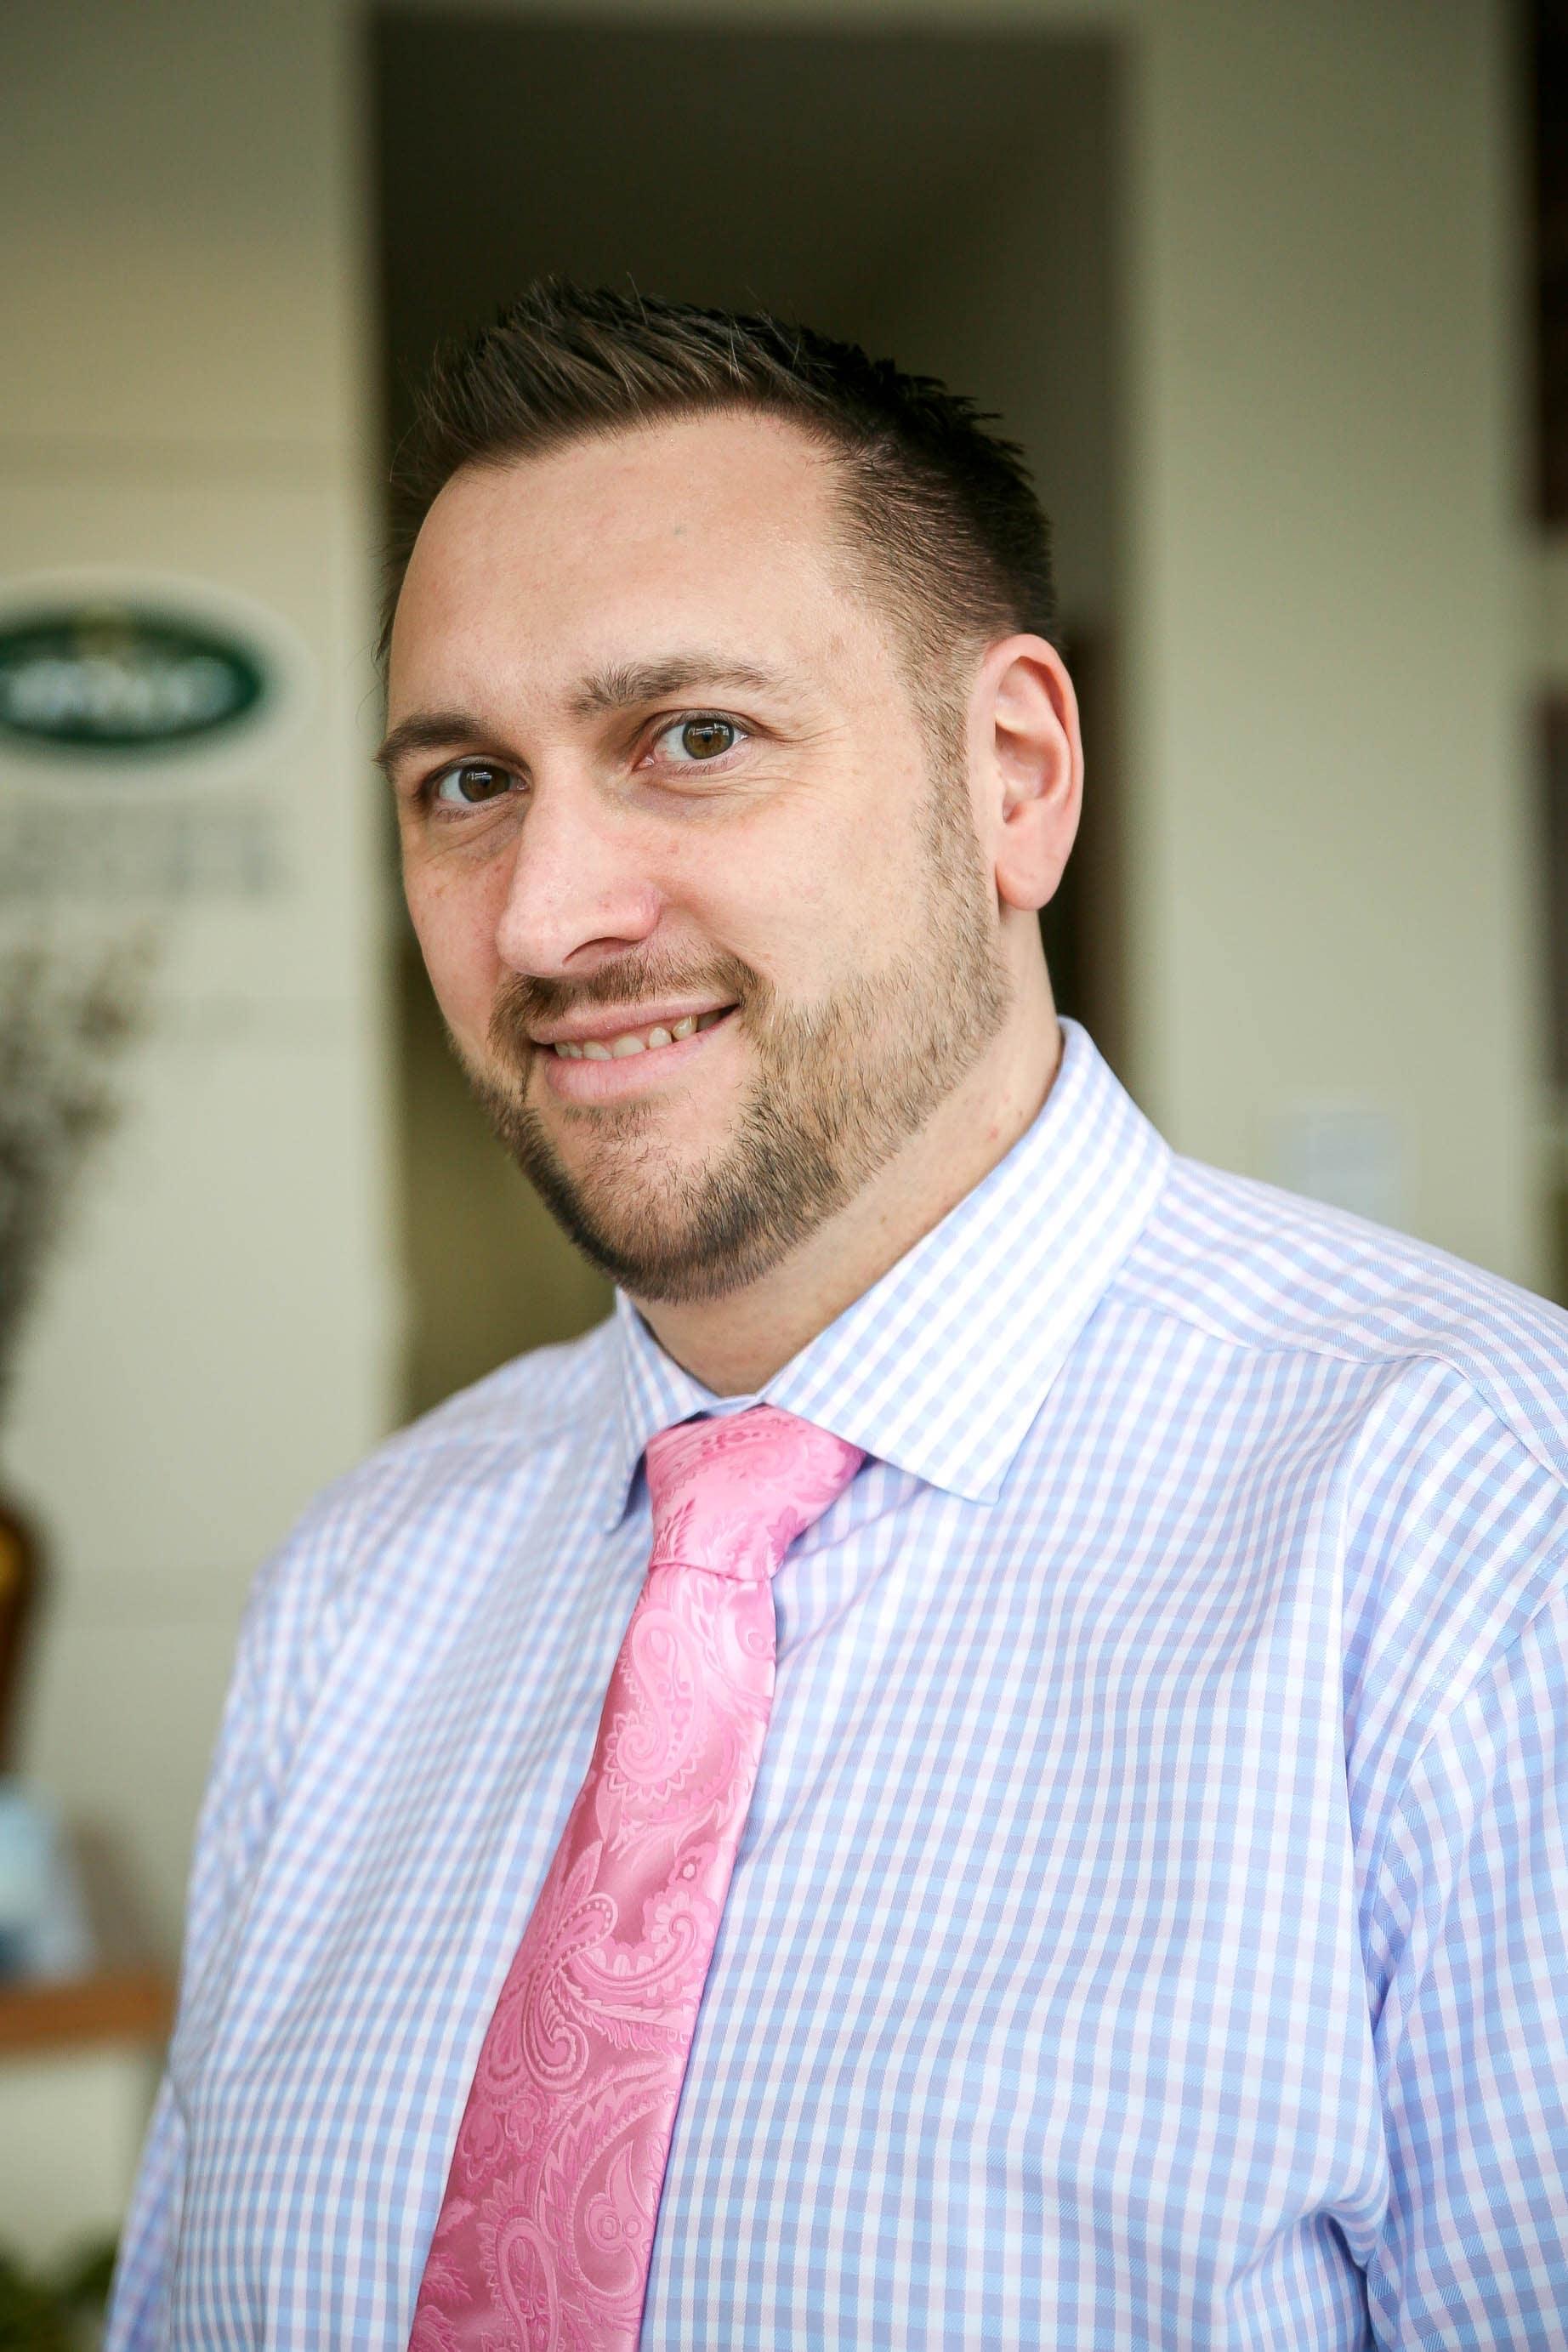 Ryan Kingsbury